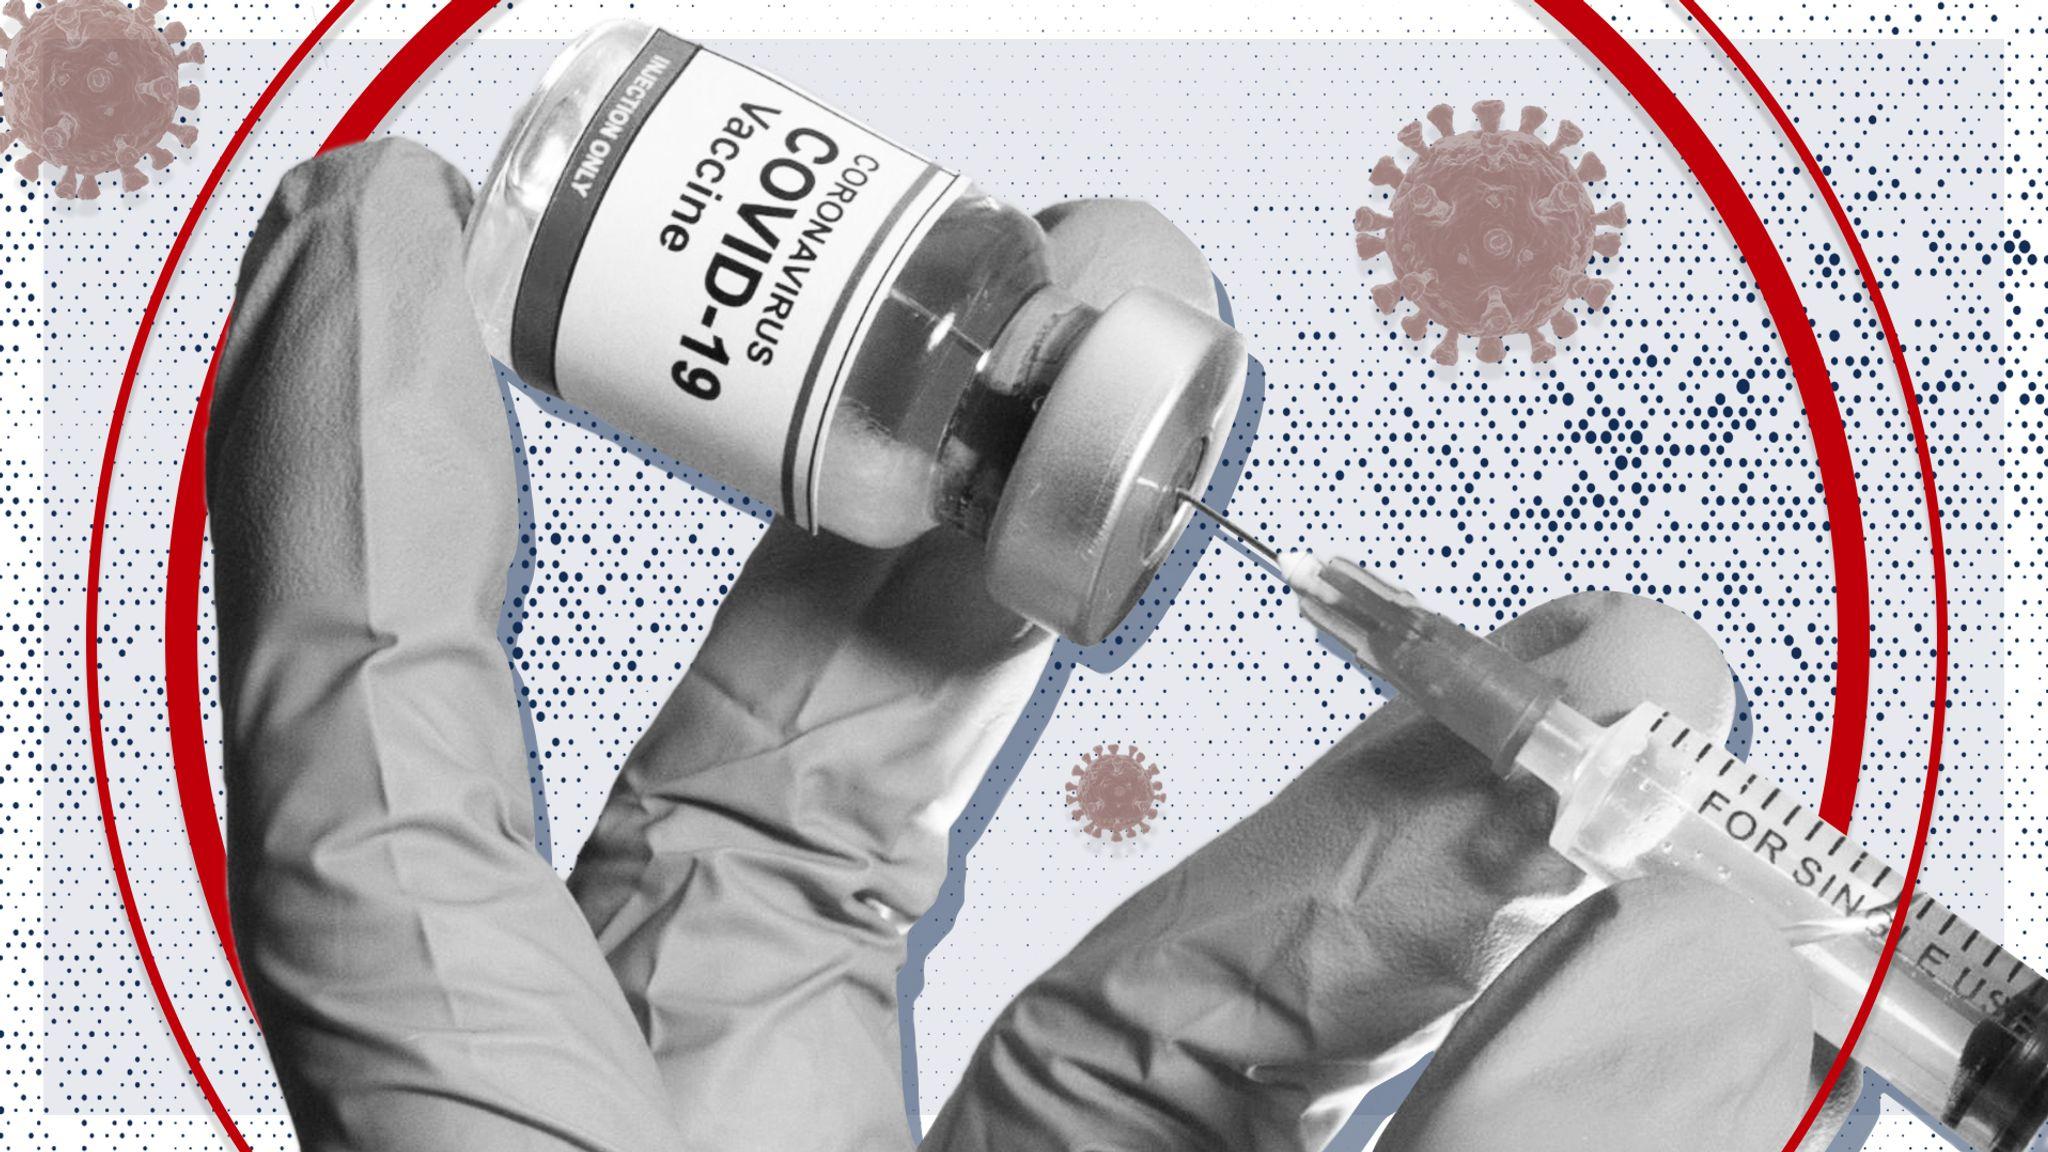 venicile varicoase pericole